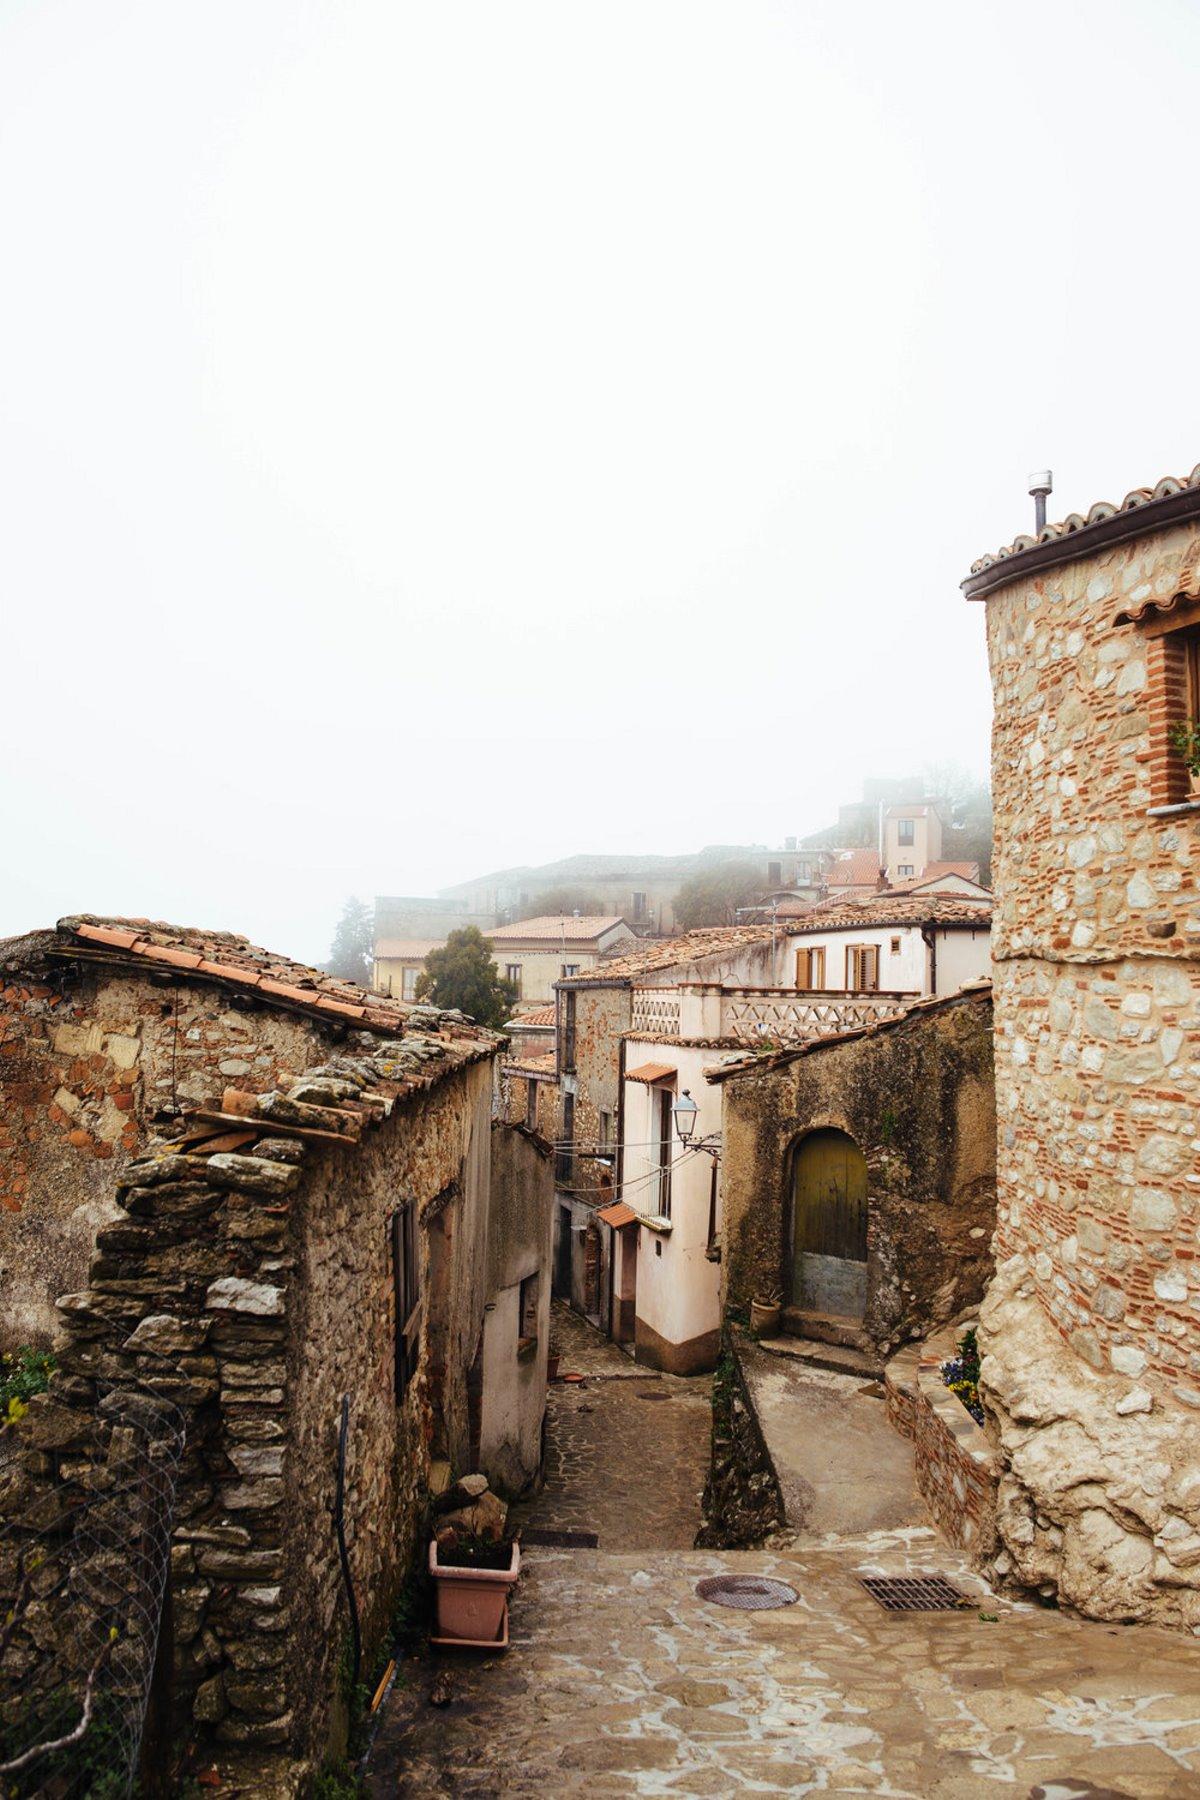 Βοva ελληνόφωνα χωριά Σικελία Μεγάλη Ελλάδα